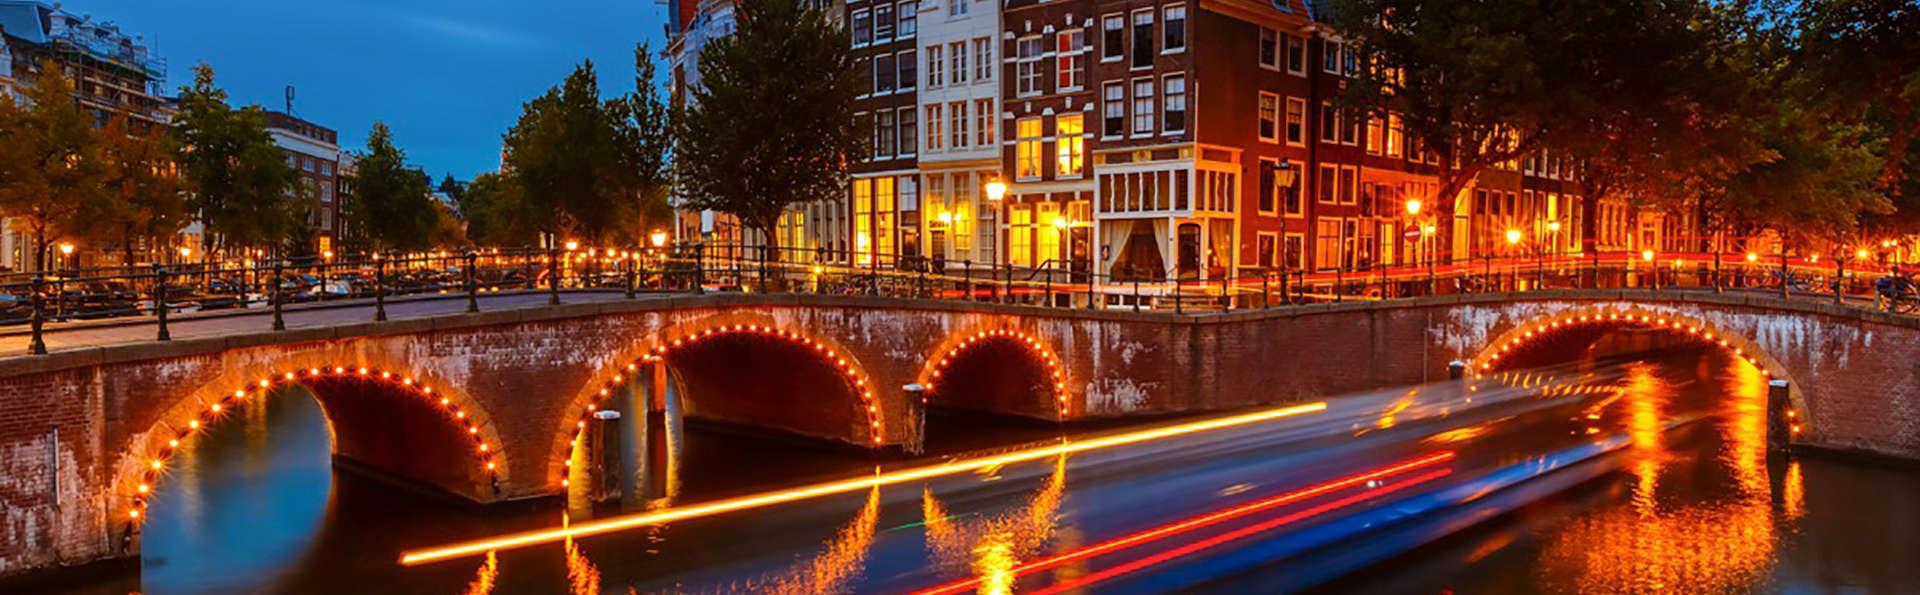 Découvrez la belle ville d'Amsterdam